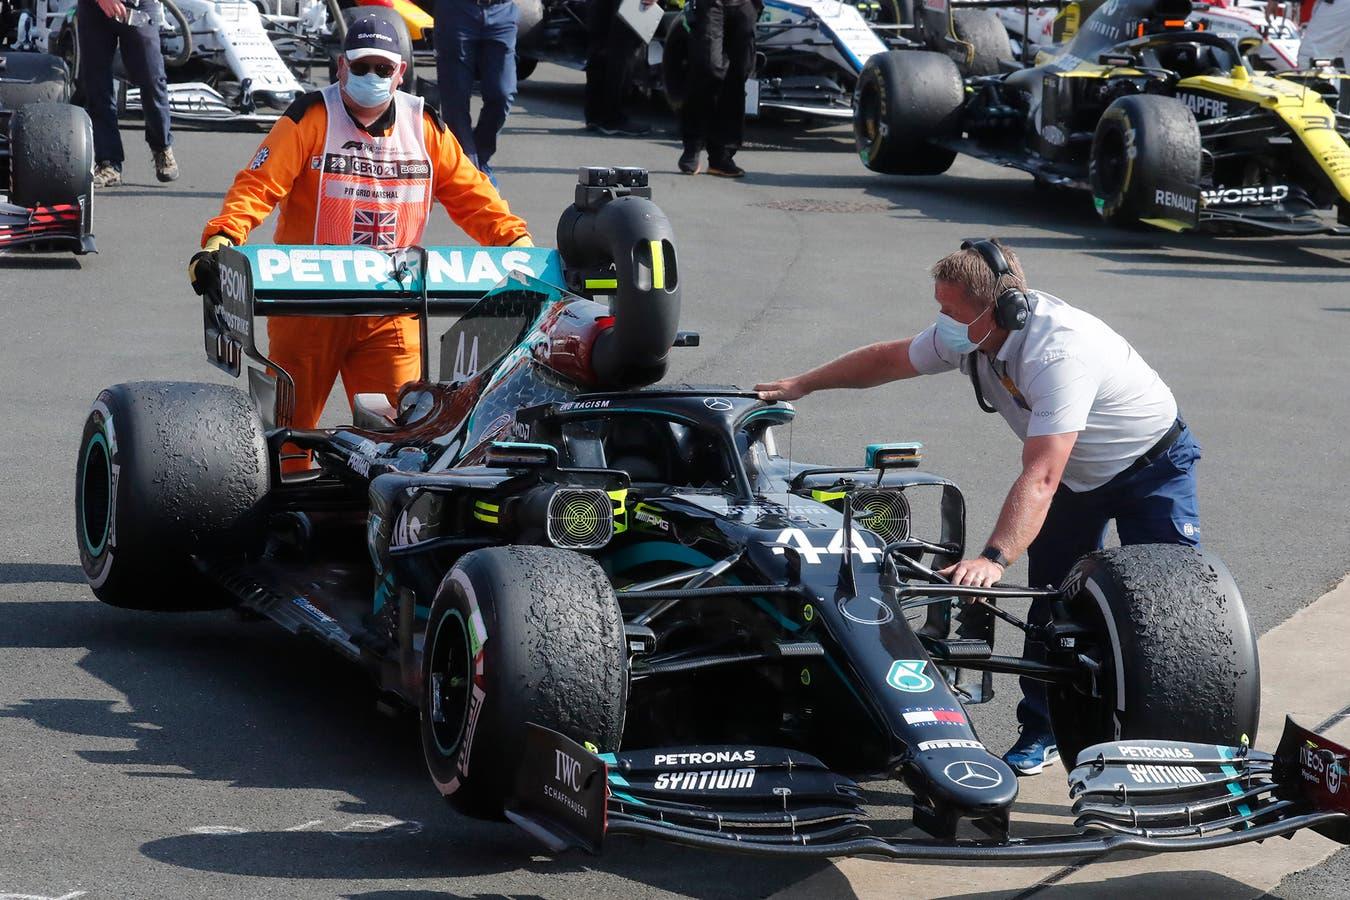 Las ampollas de los neumáticos del auto de Lewis Hamilton, un reflejo del desproporcionado desgaste al que Mercedes sometió a las gomas; la escudería de Brackley necesitará revisar las razones que provocaron el deterioro de los compuestos blandos para no sufrir en la cita de Barcelona